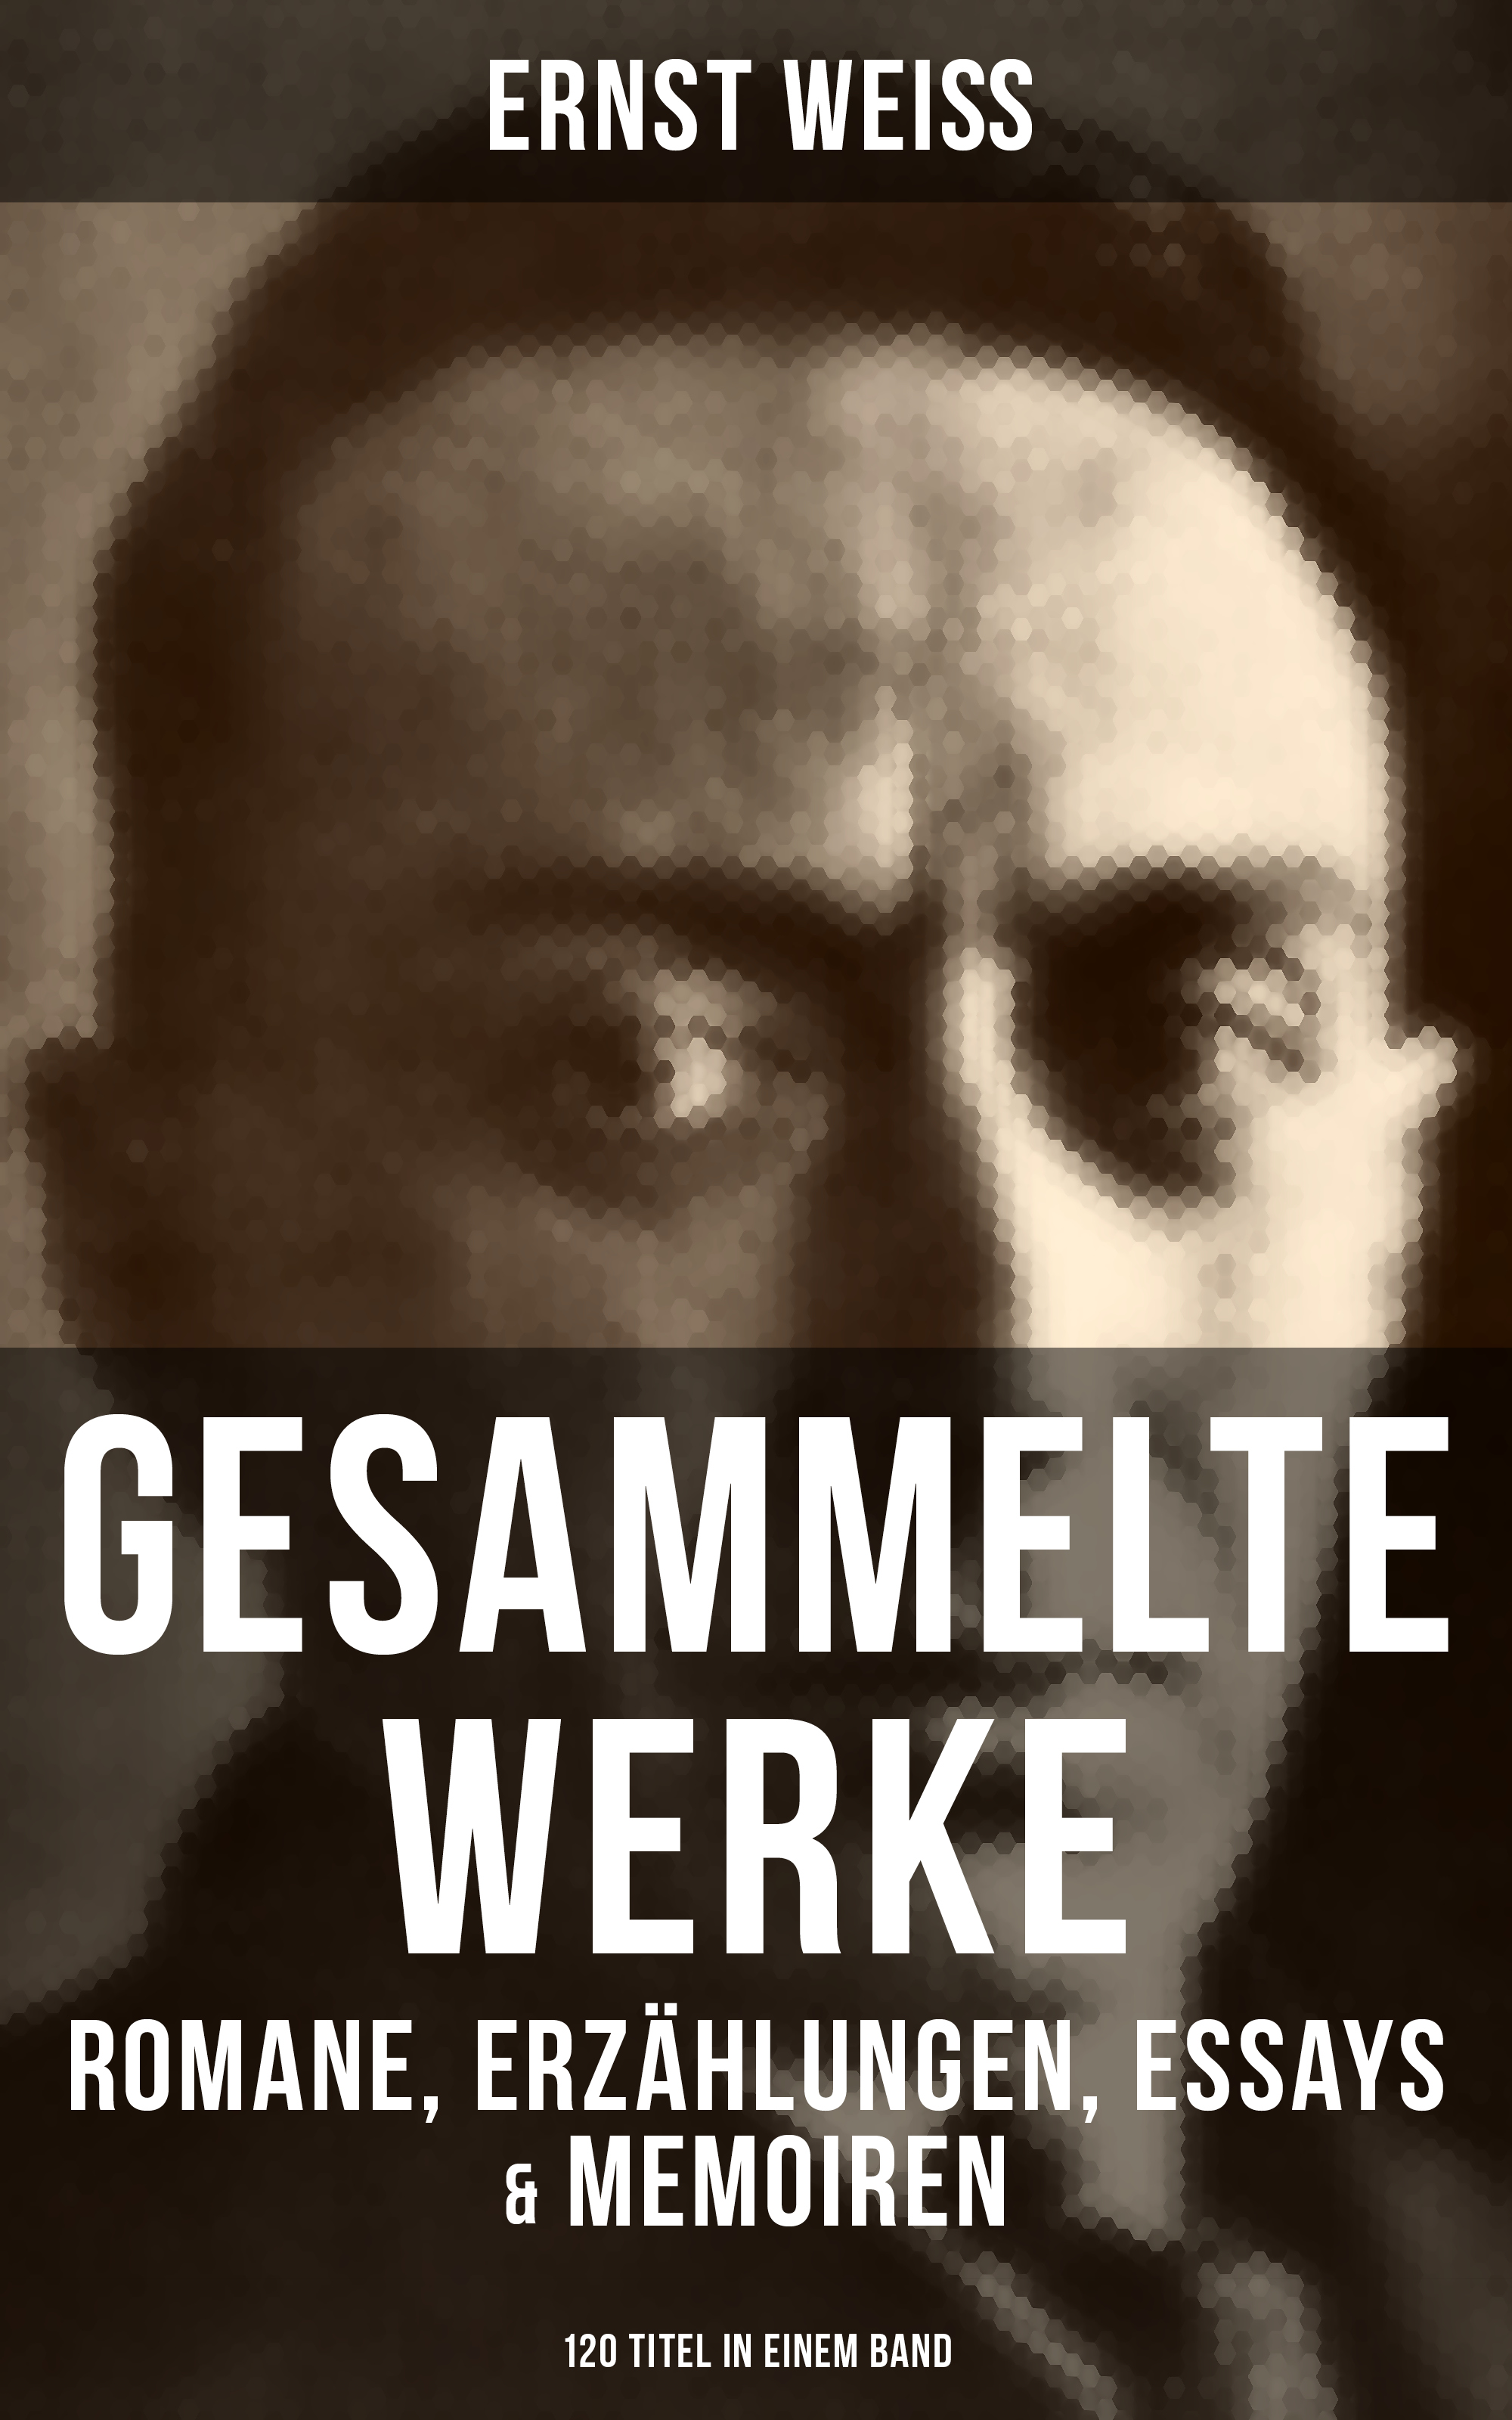 Ernst Weiß Gesammelte Werke: Romane, Erzählungen, Essays & Memoiren (120 Titel in einem Band) стоимость